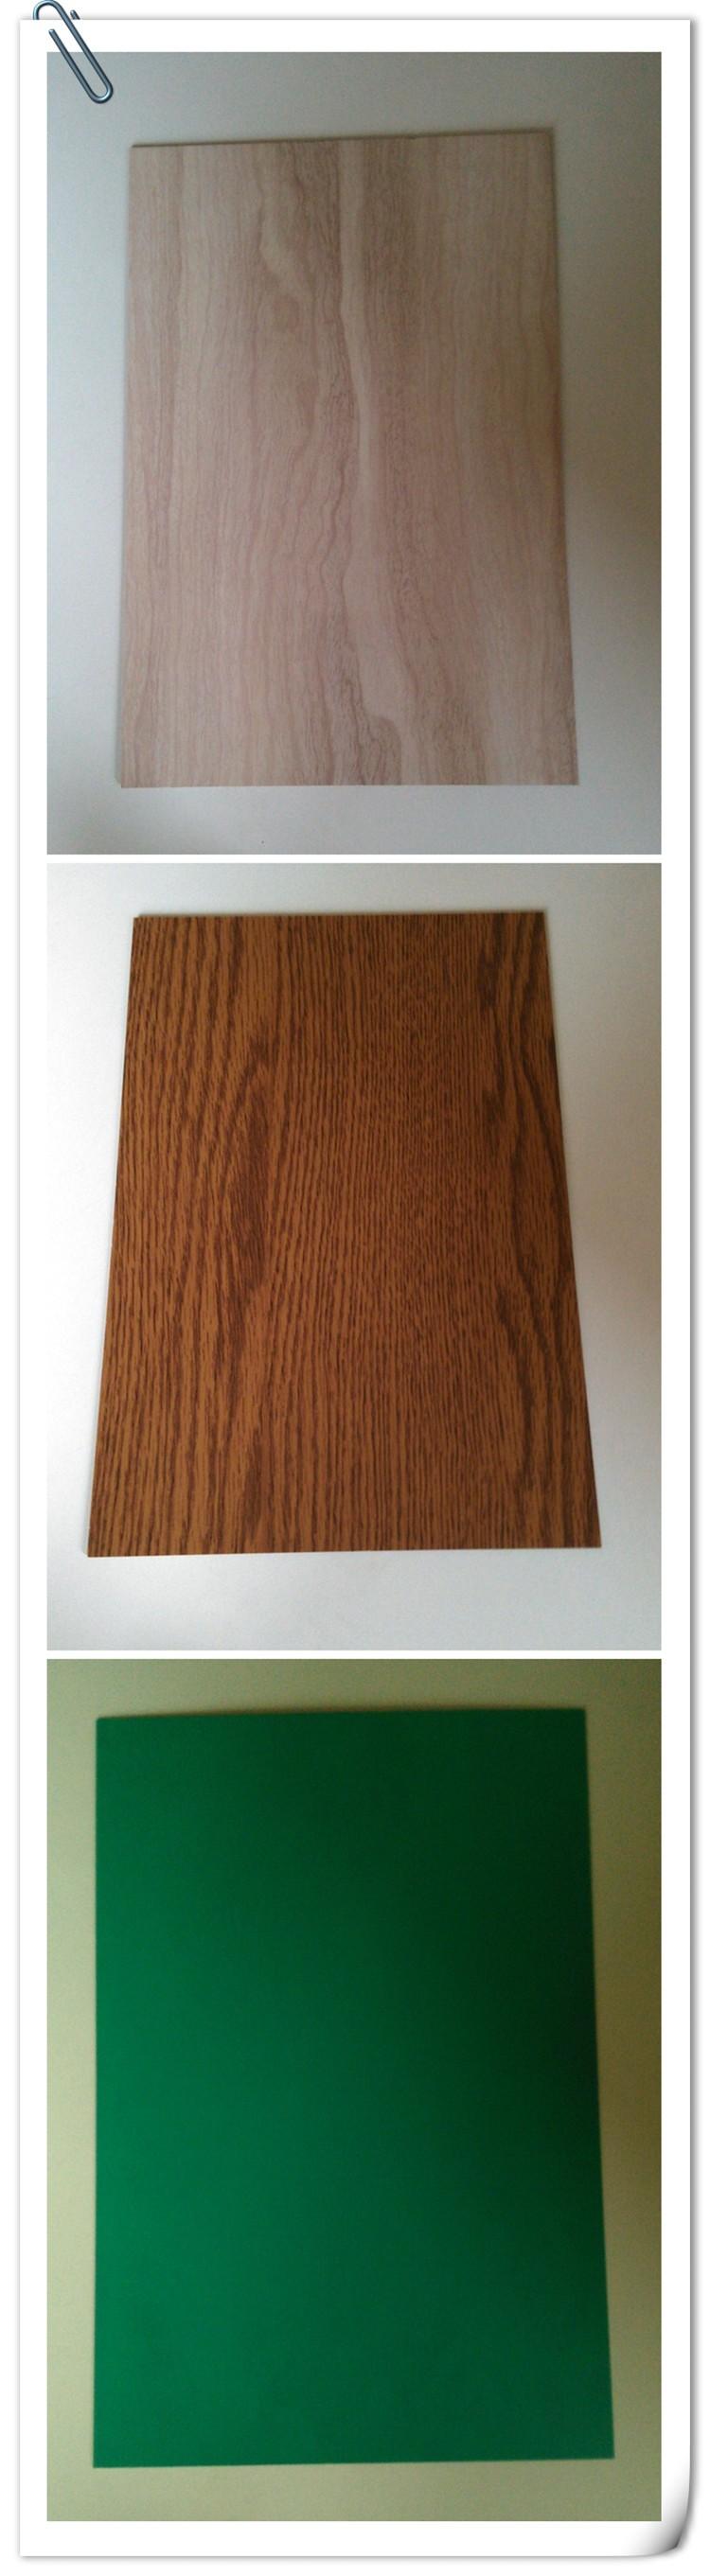 Laminate Sheet Hpl Table Top Furniture Buy Laminate